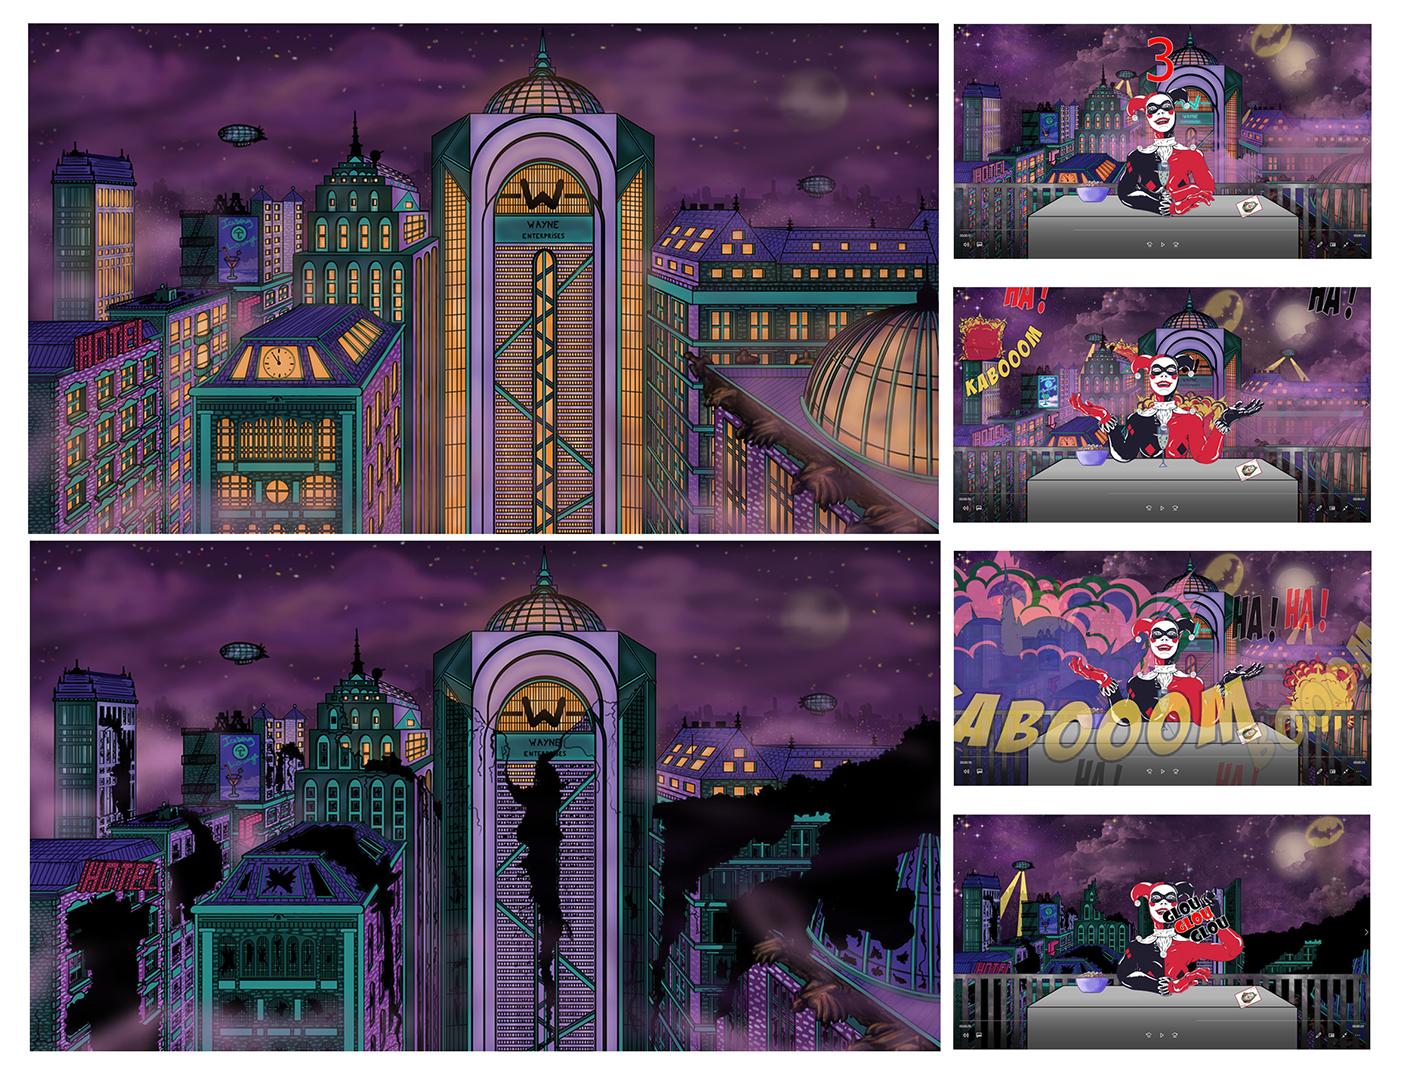 """<h3>Gotham city, travail collaboratif avec Quentin Chappe - The Flux Studio</h3><p>    Cette vue plongeante de la ville de Gotham, dont l'architecture et les couleurs sont directement inspirées de ma peinture originale """"Gotham city"""" , a été dessinée afin de compléter l'animation 2D de mon personnage """"Harley Quinn"""". L'illustration fait également référence à l'univers du comics Batman, avec la présence d'éléments comme l'immeuble Wayne ou encore l'Iceberg club. Ces dessins numériques ont été ensuite animés par Quentin Chappe – The Flux Studio.</p><p>    À travers son animation 2D, Quentin m'a permis de dépasser les limites de la toile en donnant vie aux éléments du décor tels que les lumières, les zeppelins, ou encore le Batsignal dans le ciel. Il a également représenté l'intégralité du déroulement de l'évènement central de mon tableau : l'explosion de la ville de Gotham par Harley Quinn. Quentin a ainsi accentué le caractère ambigü du personnage de mon tableau en exprimant l'innocence et la naïveté d'Harley Quinn par une gesticulation enfantine du personnage, sa folie par un rire machiavélique, et son caractère destructeur par l'explosion de la ville de Gotham. Le compte à rebours, le pop corn, le verre de champagne, ou encore les onomatopées exprimant le rire, renforcent l'effet comico-tragique de la scène. Il a également ajouté une référence au Joker puisque ce super-vilain est la cause directe du mépris de Harley Quinn pour Batman.</p><p>    Le résultat de ce travail collaboratif a été projeté dans la Gare saint sauveur pendant 2 jours, au cours du Vide dancing, marché créateur, en décembre 2019</p>"""